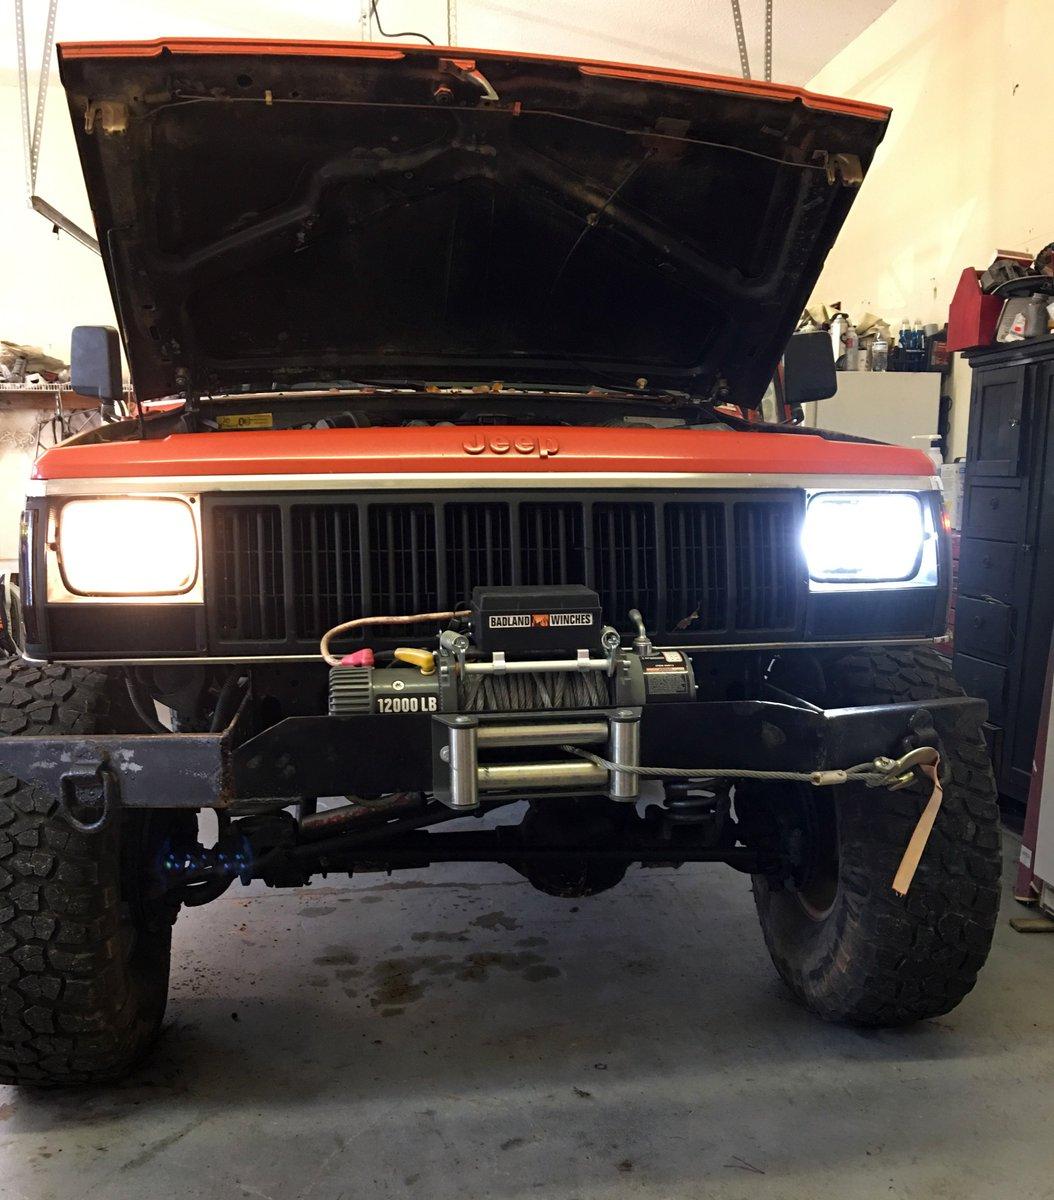 hight resolution of genssi on twitter headlight upgrades for jeep xj jeep yj semi trucks ford super duty trucks https t co ki9rhkgrwm genssi ledheadlights ihc